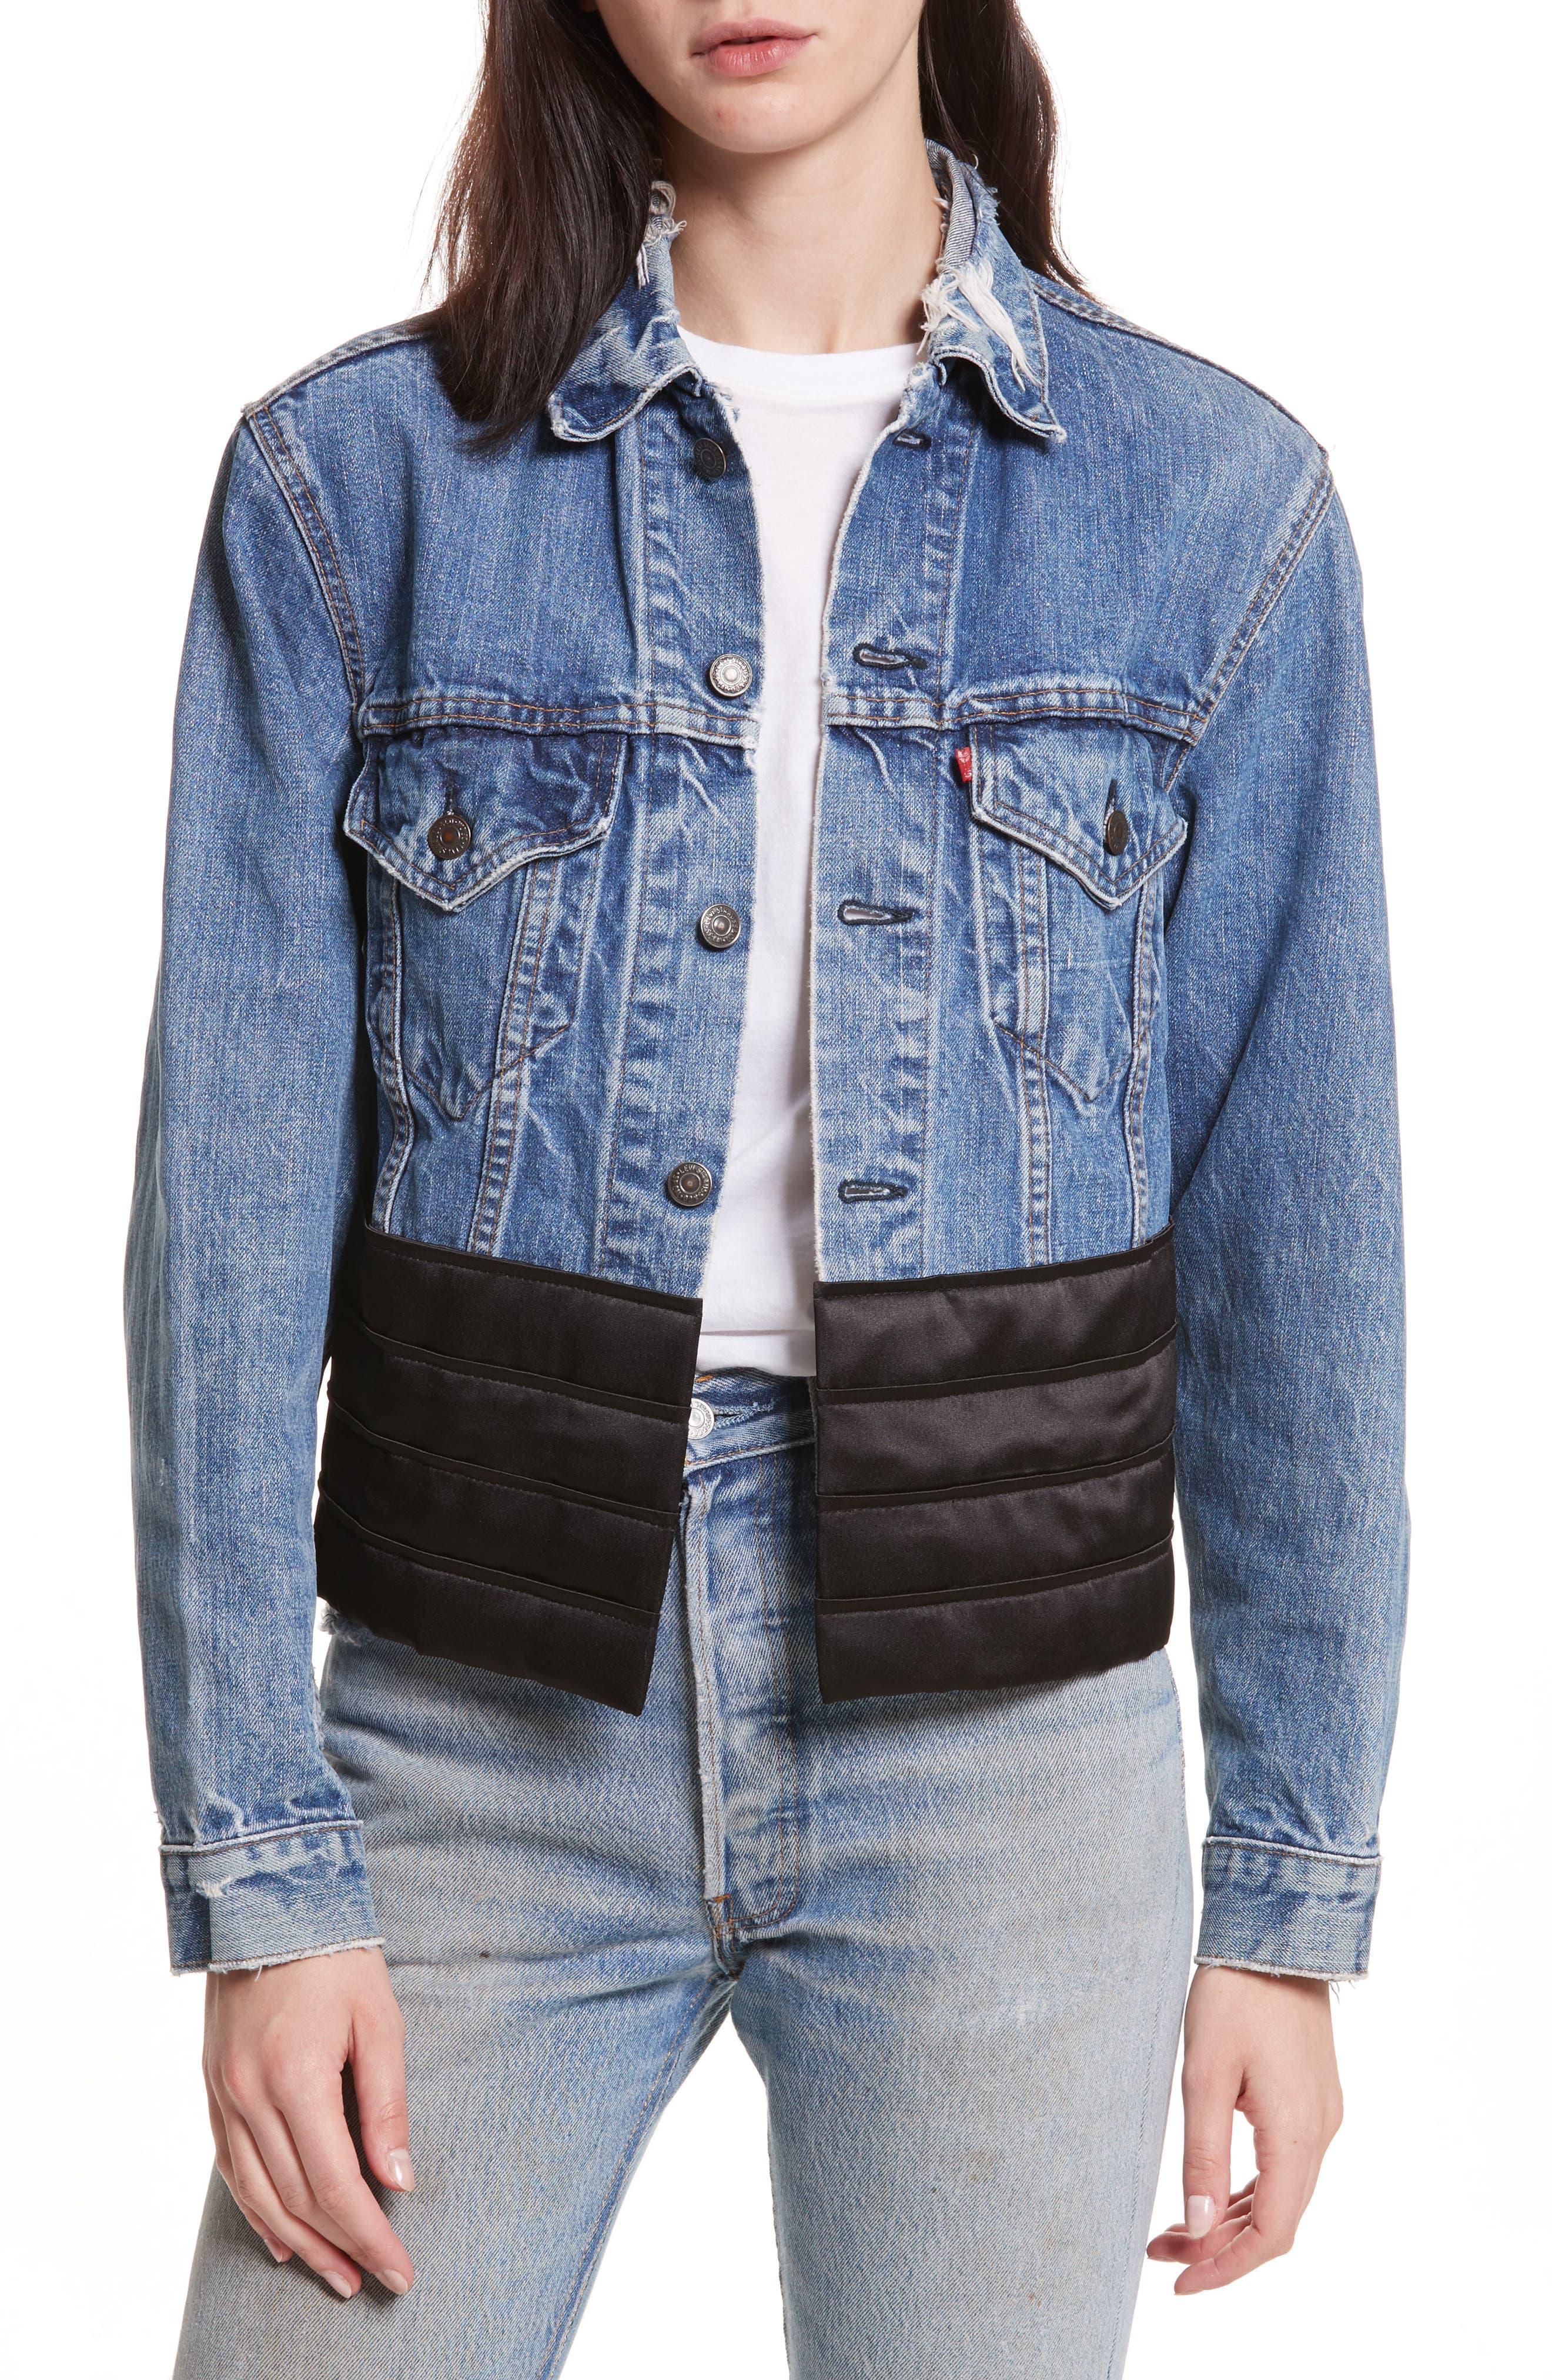 Main Image - Harvey Faircloth Satin Cummerbund Denim Jacket